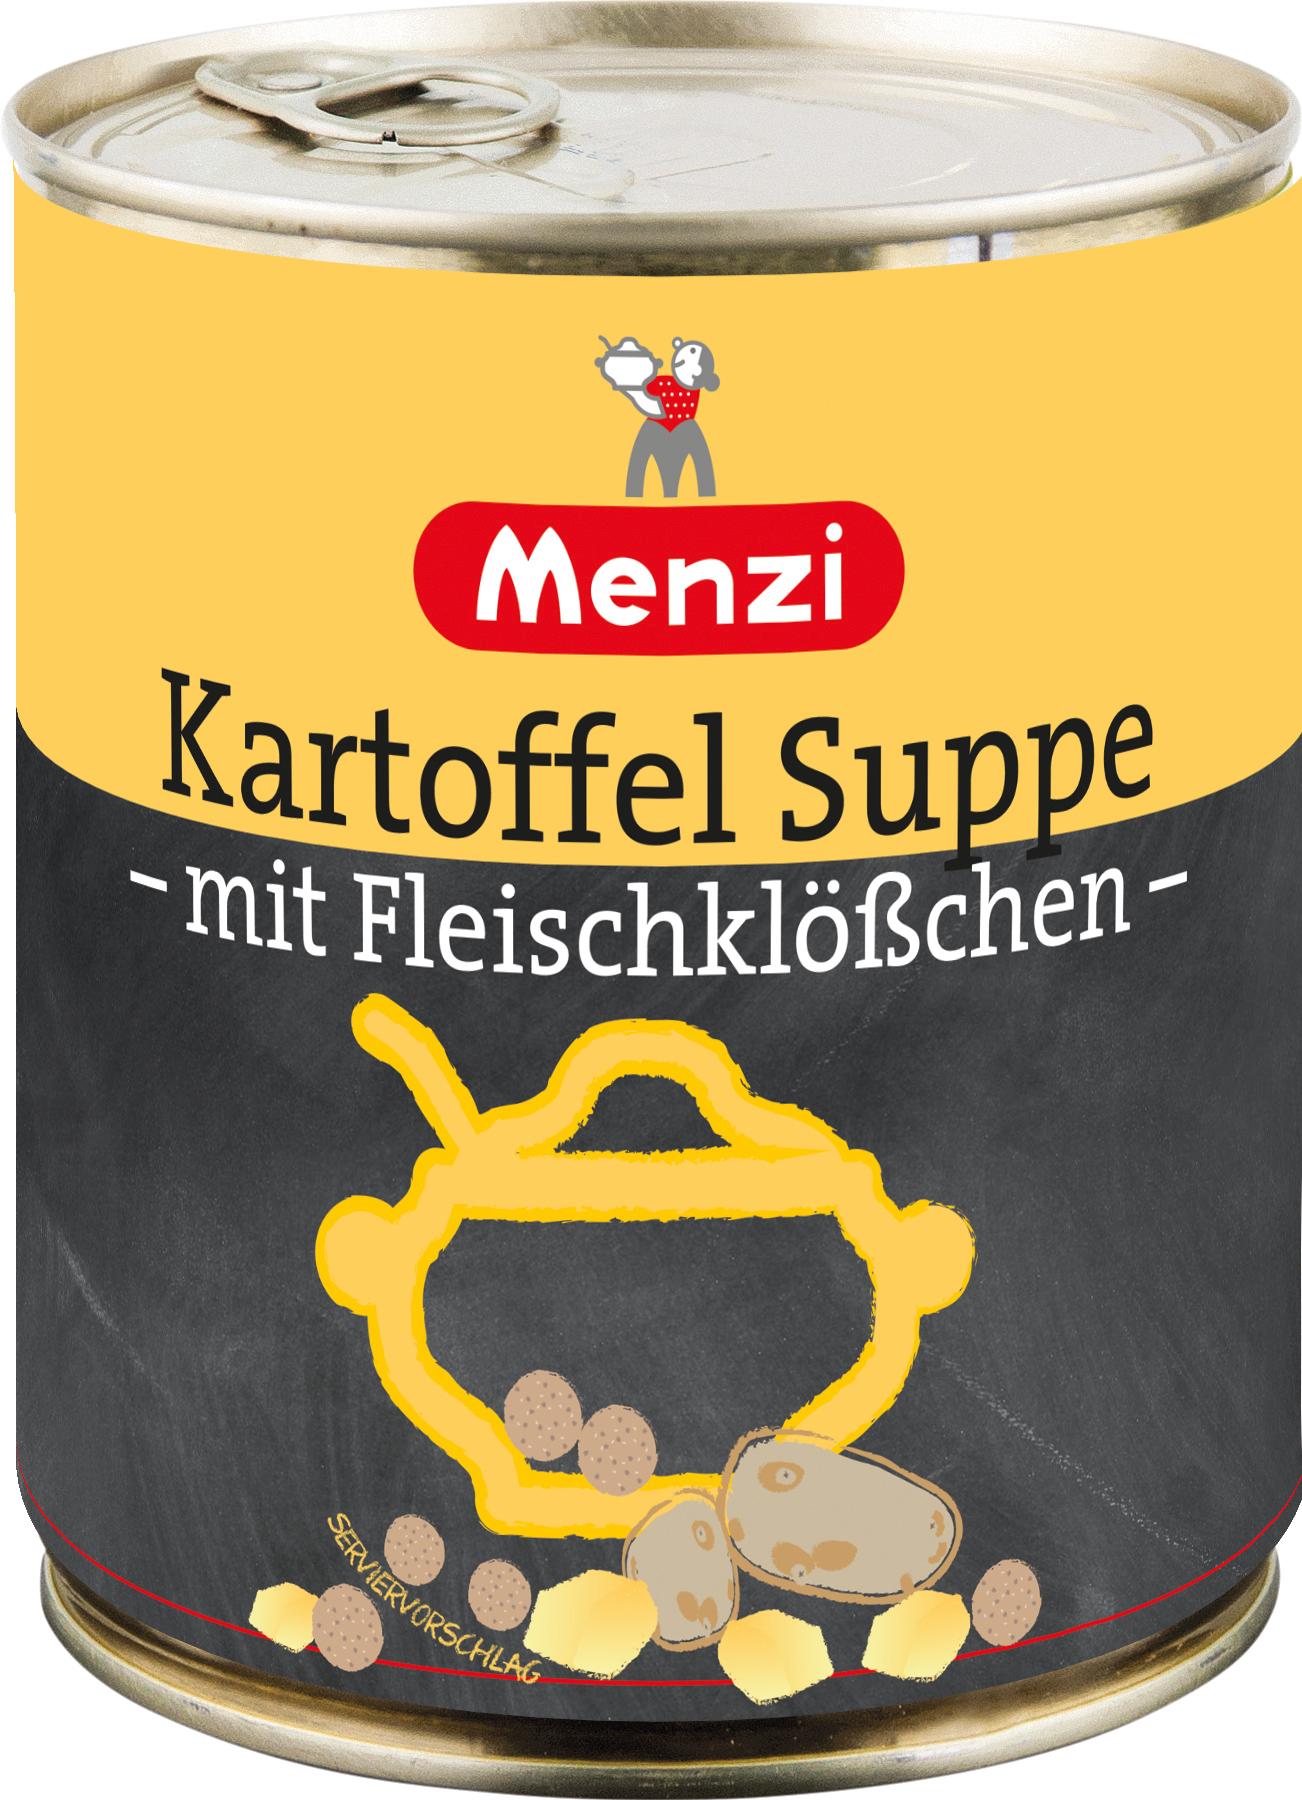 Kartoffelsuppe mit Fleischklößchen von MENZI, 800ml